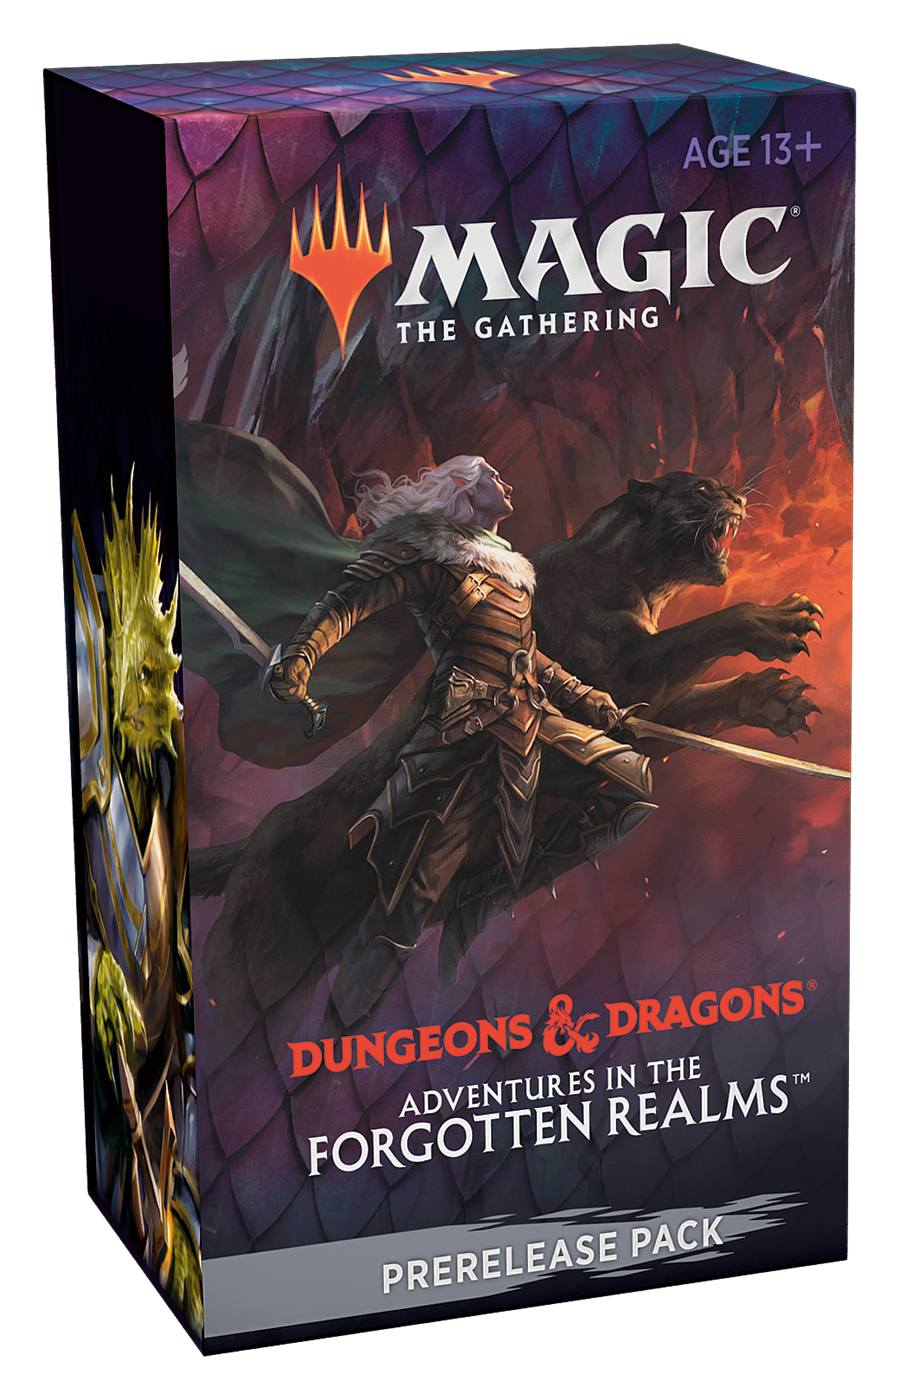 D&D Forgotten Realms - Prerelease Pack